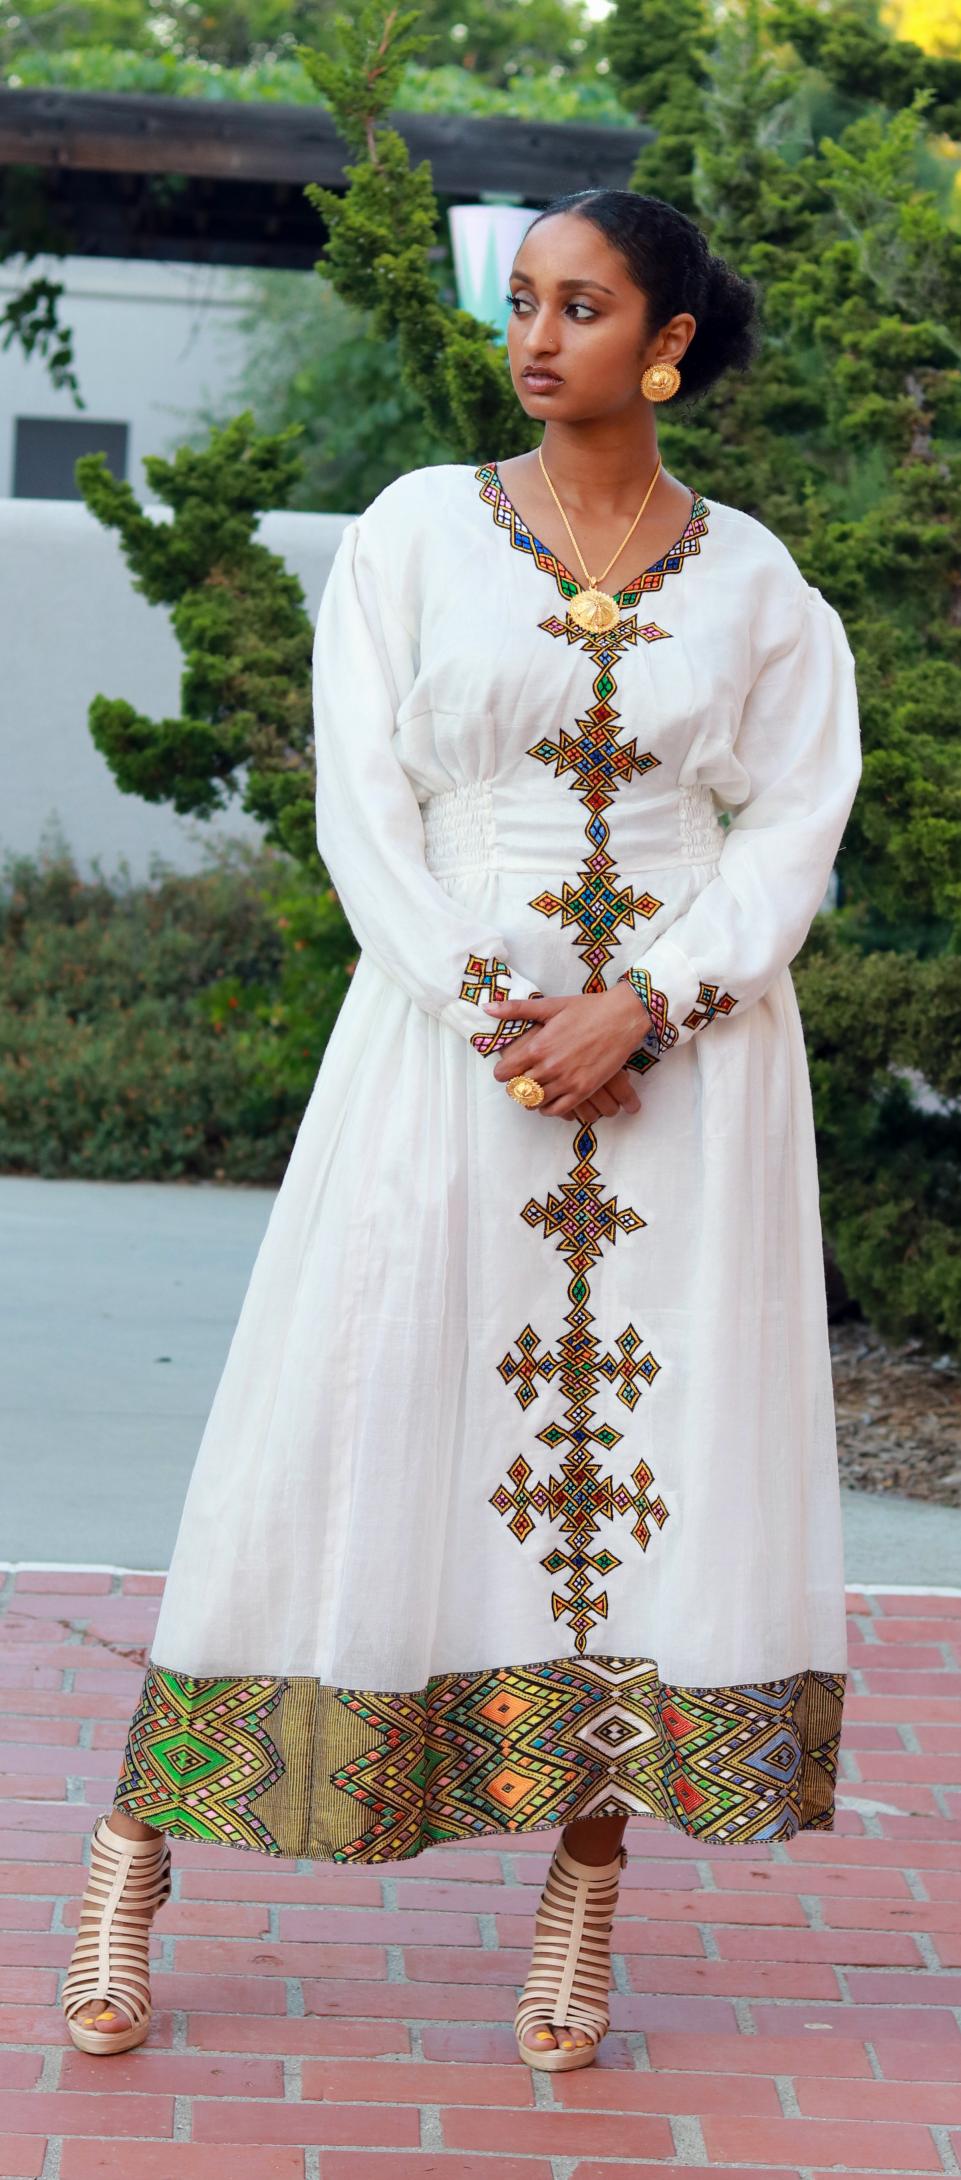 Habesha dresses - telf | Ethiopian Clothing | Pinterest  |Ethiopian Fashion Clothes